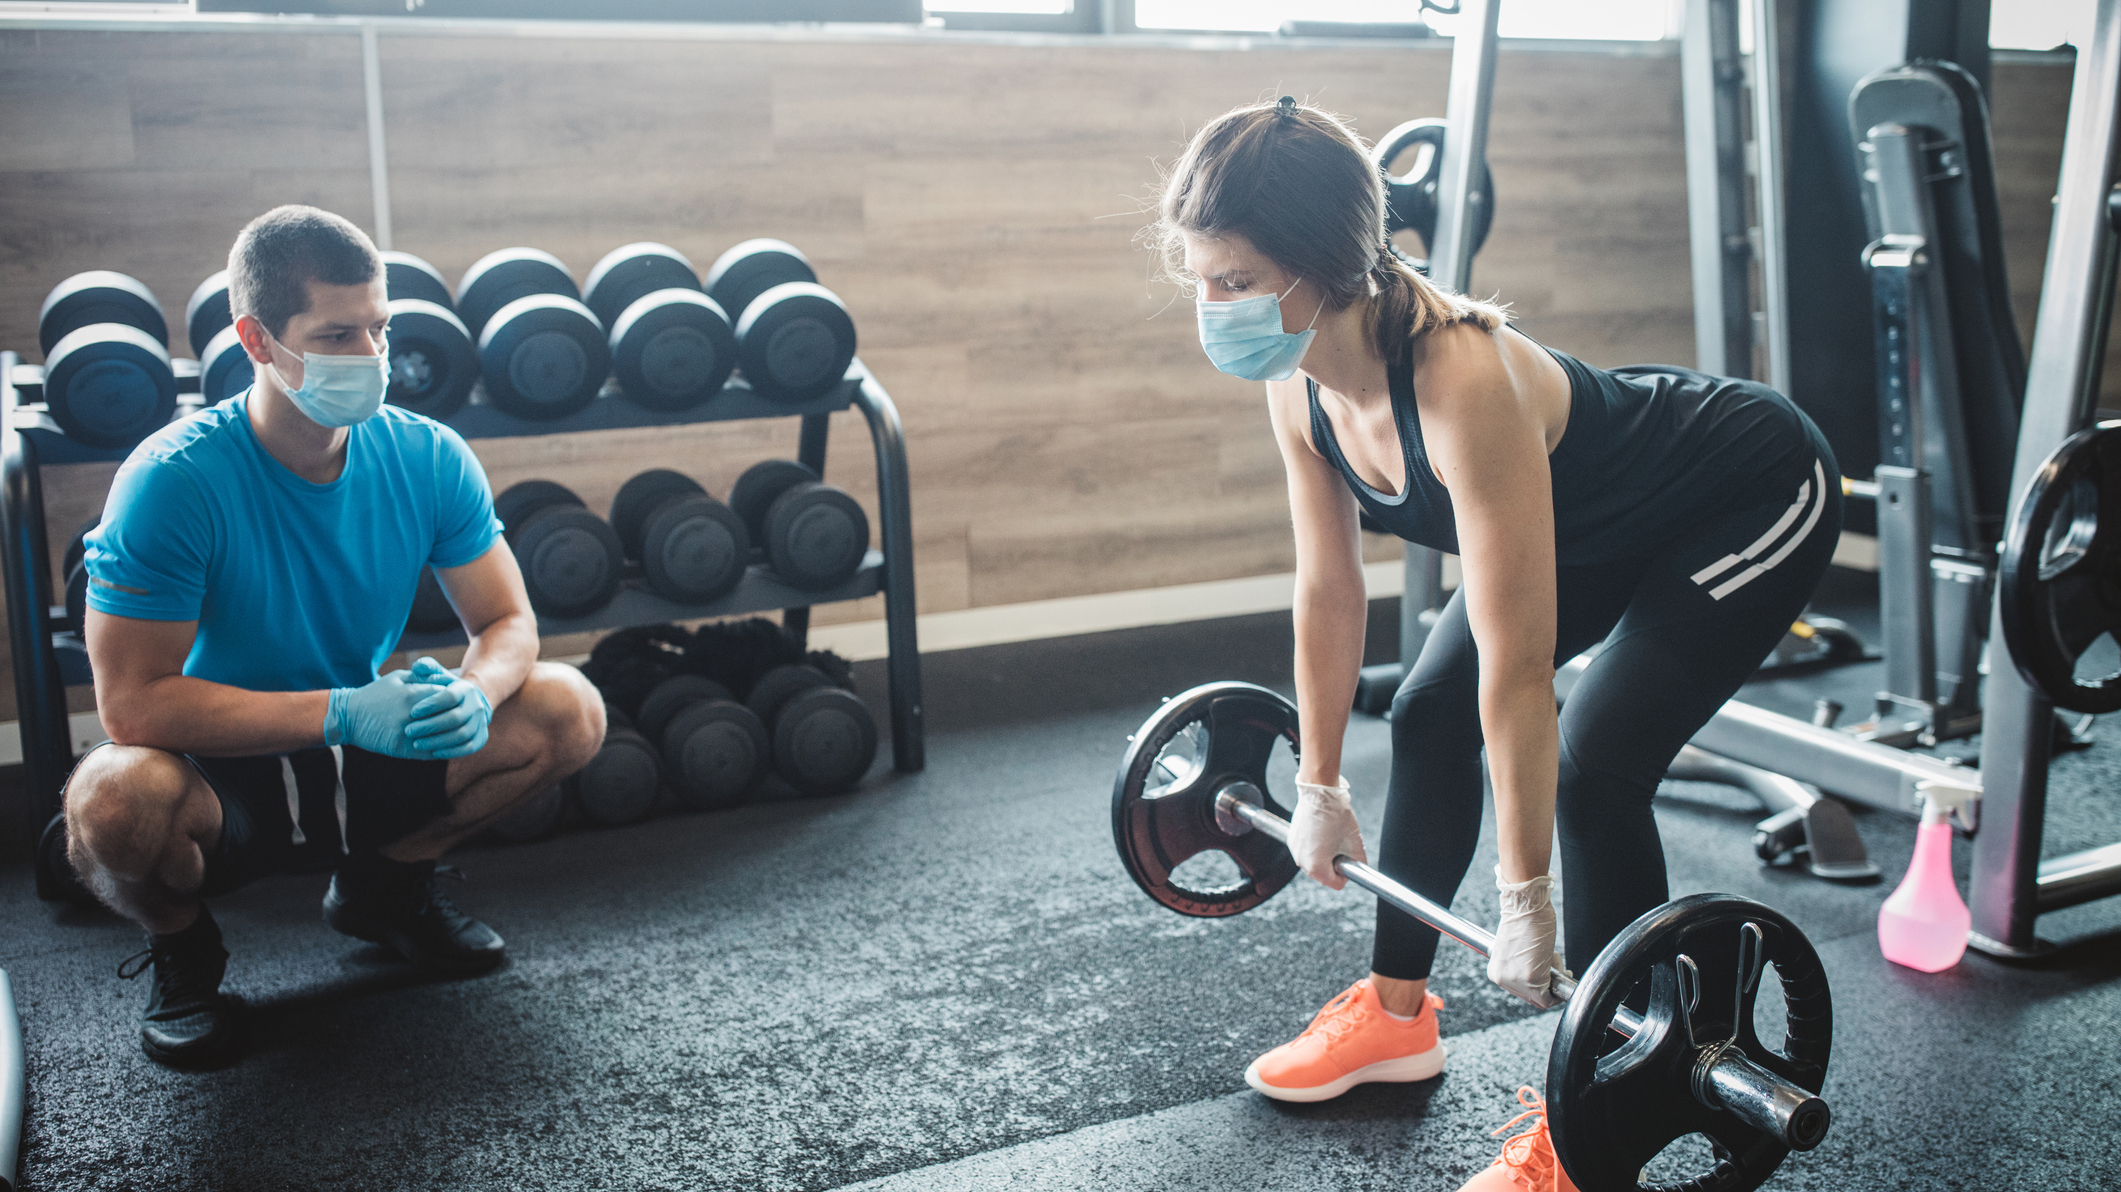 Já está comprovado que as atividades físicas são essenciais para garantir o bem-estar físico e mental das pessoas.